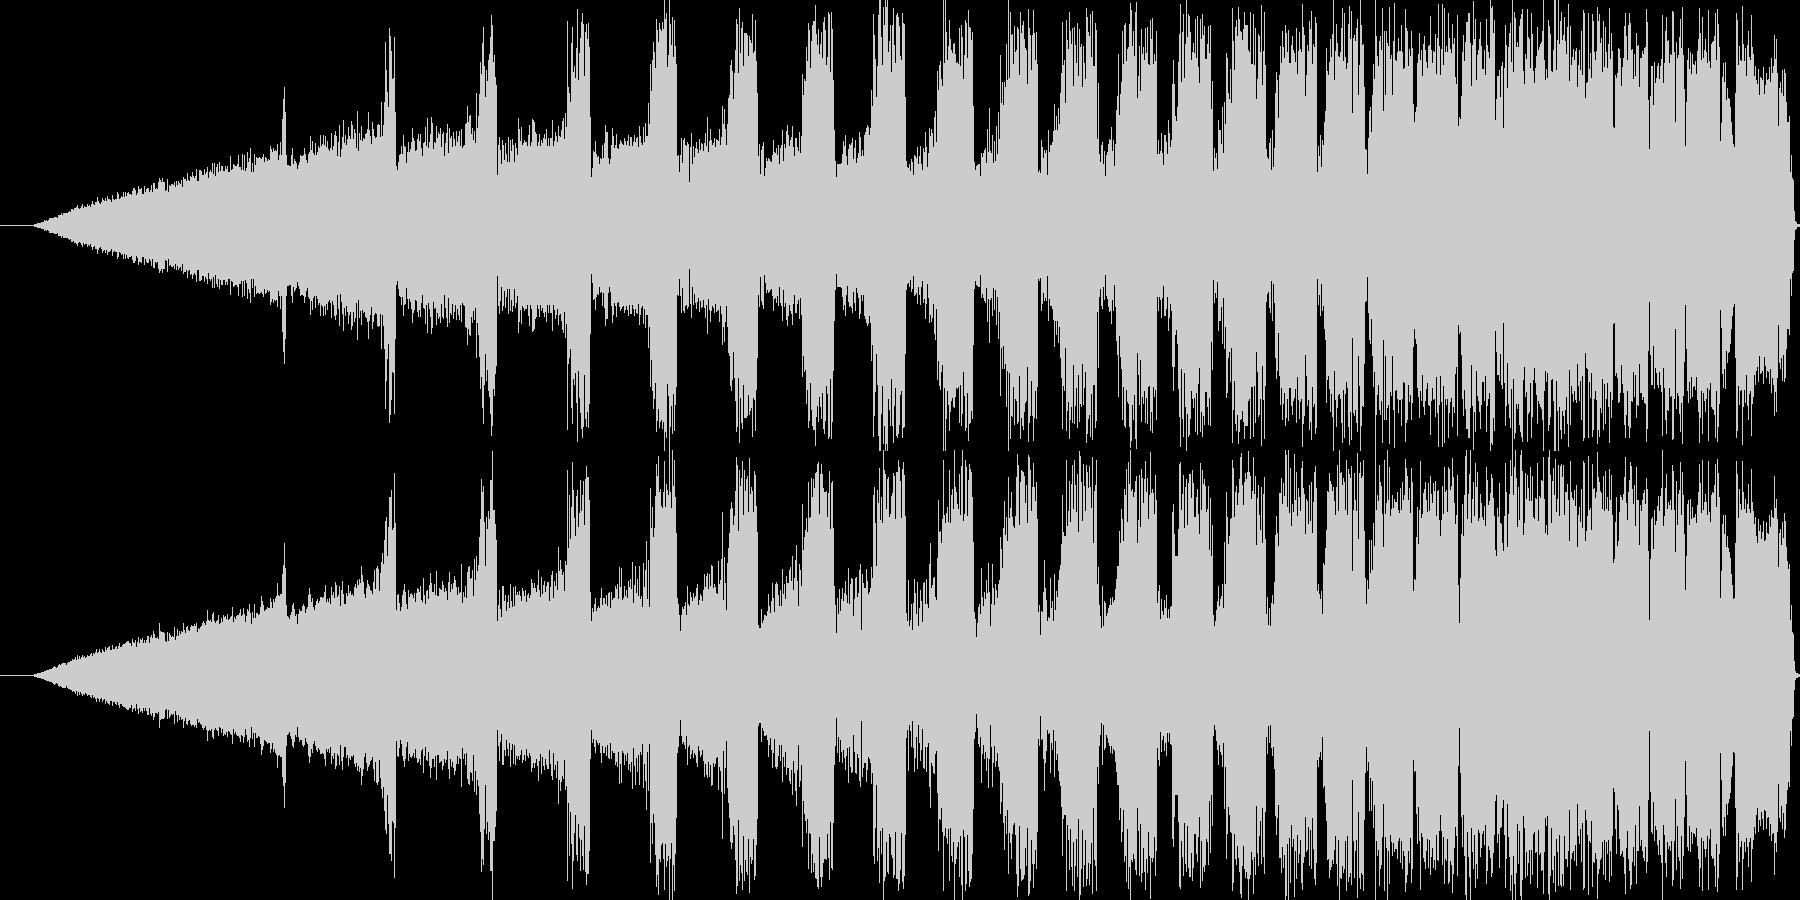 【ぴよぴよぴよ/電子音/機械/未来】の未再生の波形